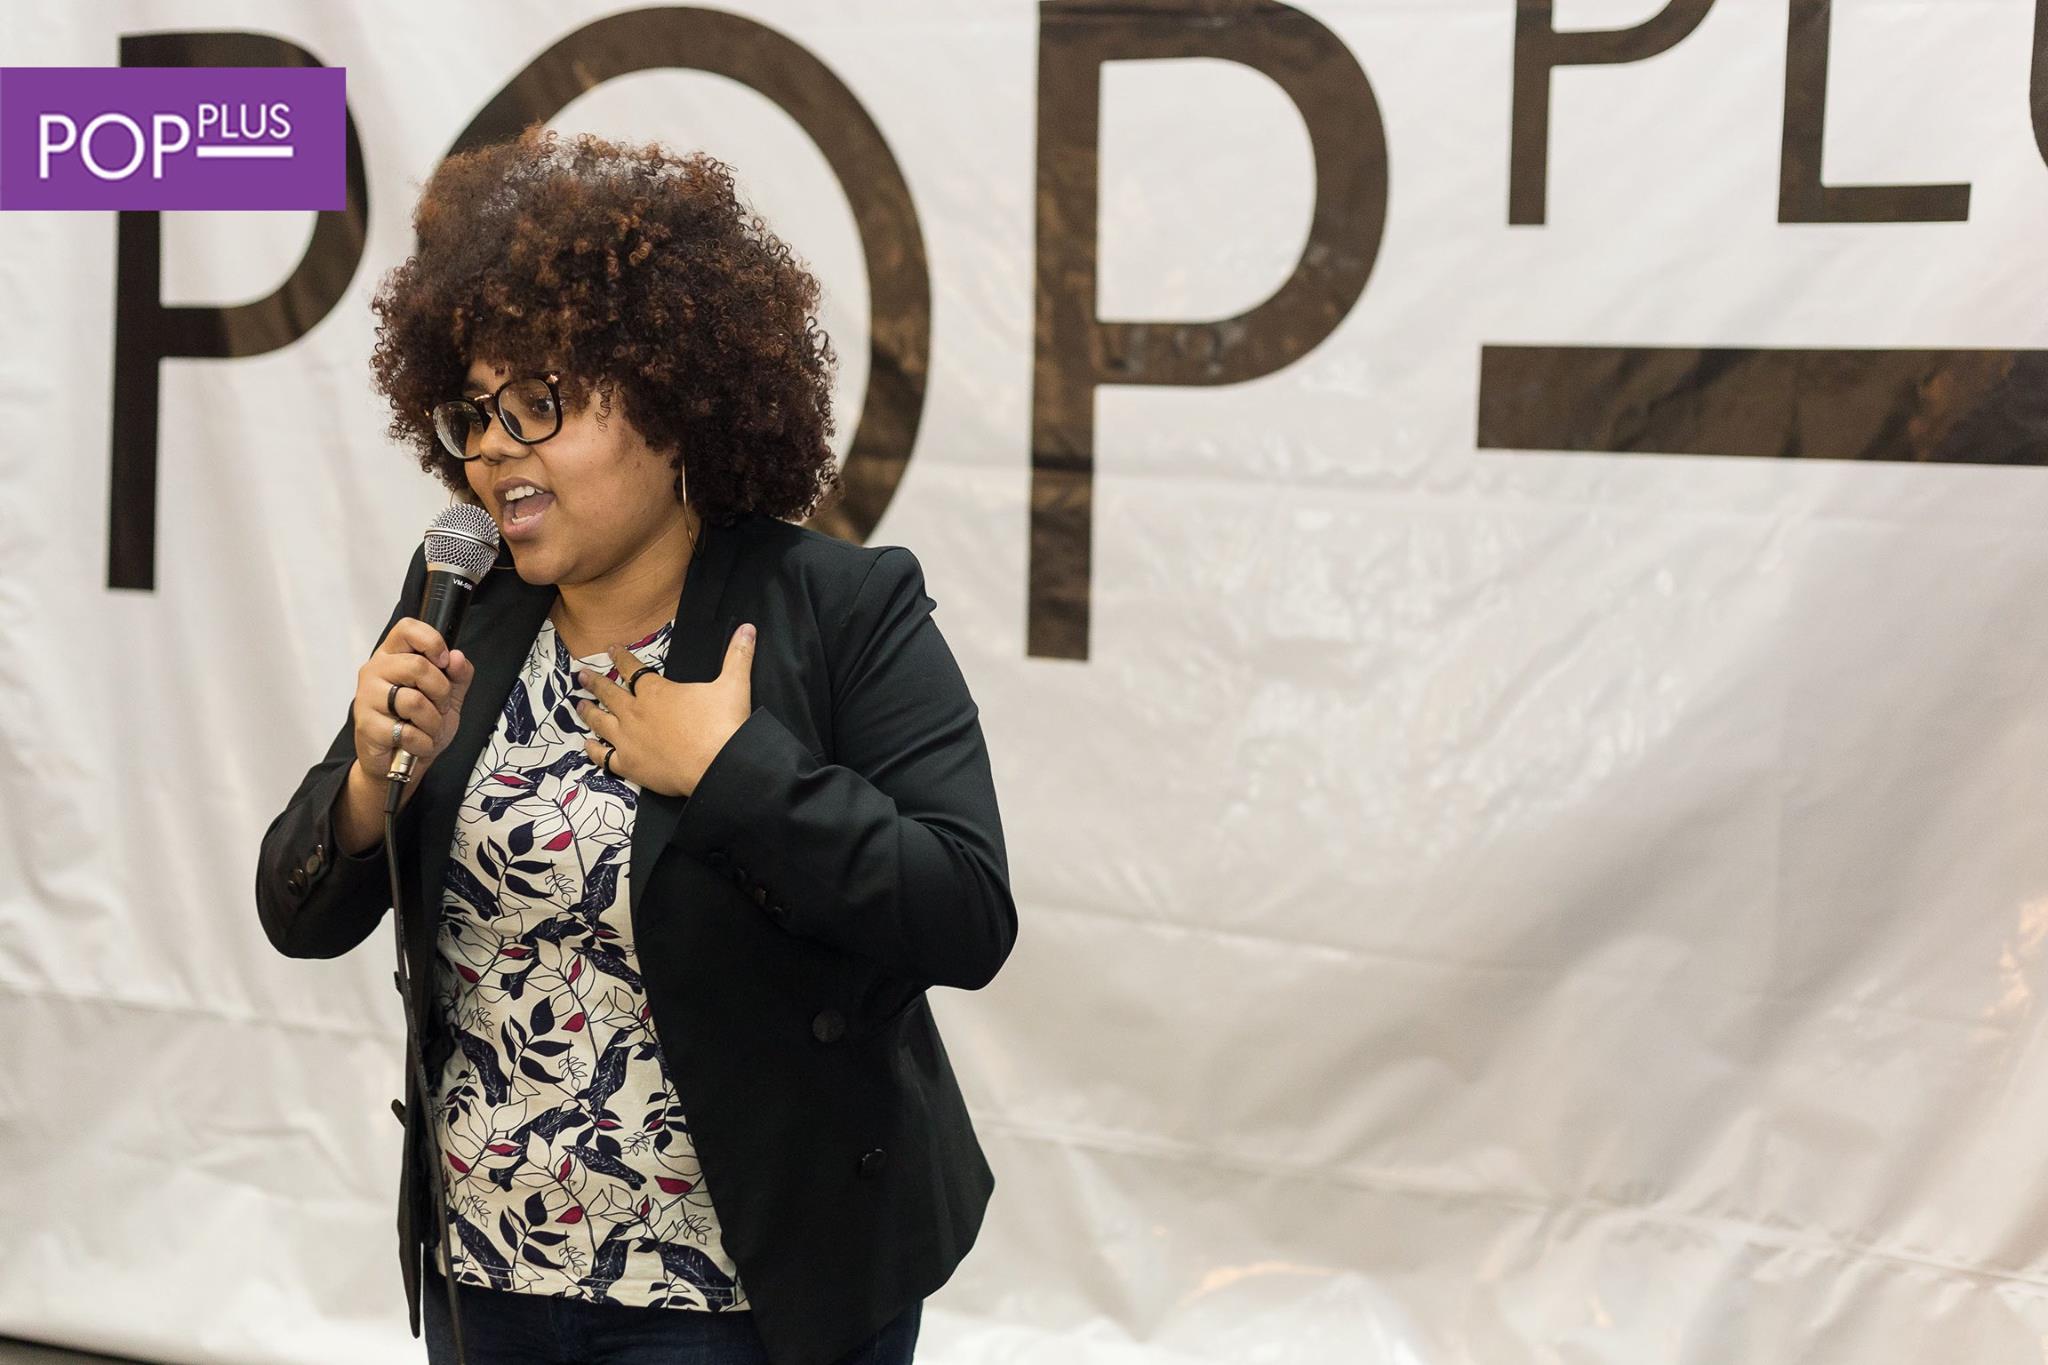 A jovem Júlia Rocha Paulino durante apresentação no Pop Plus - Foto: Robson Leandro/Equipe Pop Plus